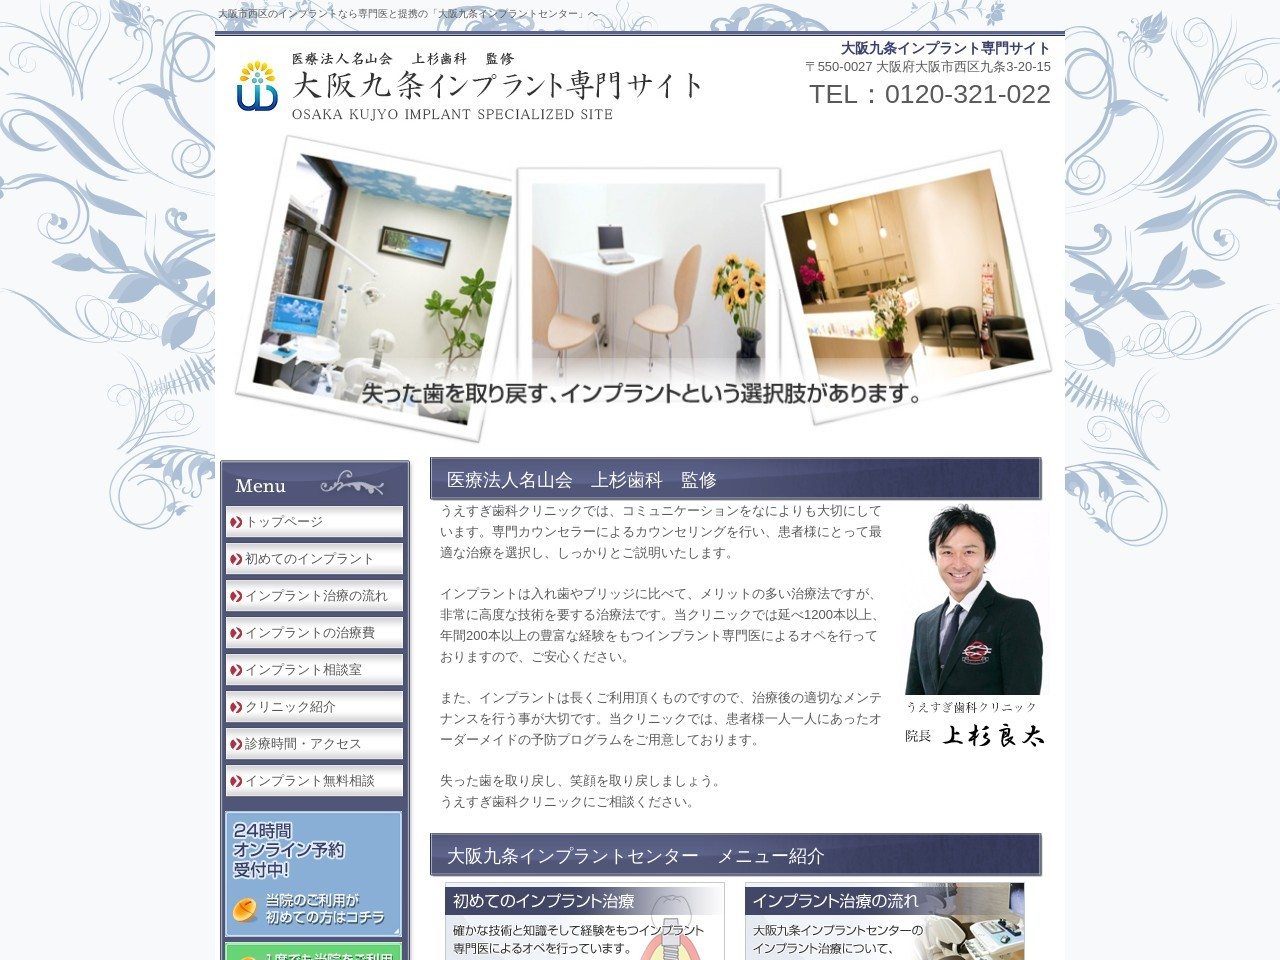 医療法人名山会  うえすぎ歯科クリニック (大阪府大阪市西区)